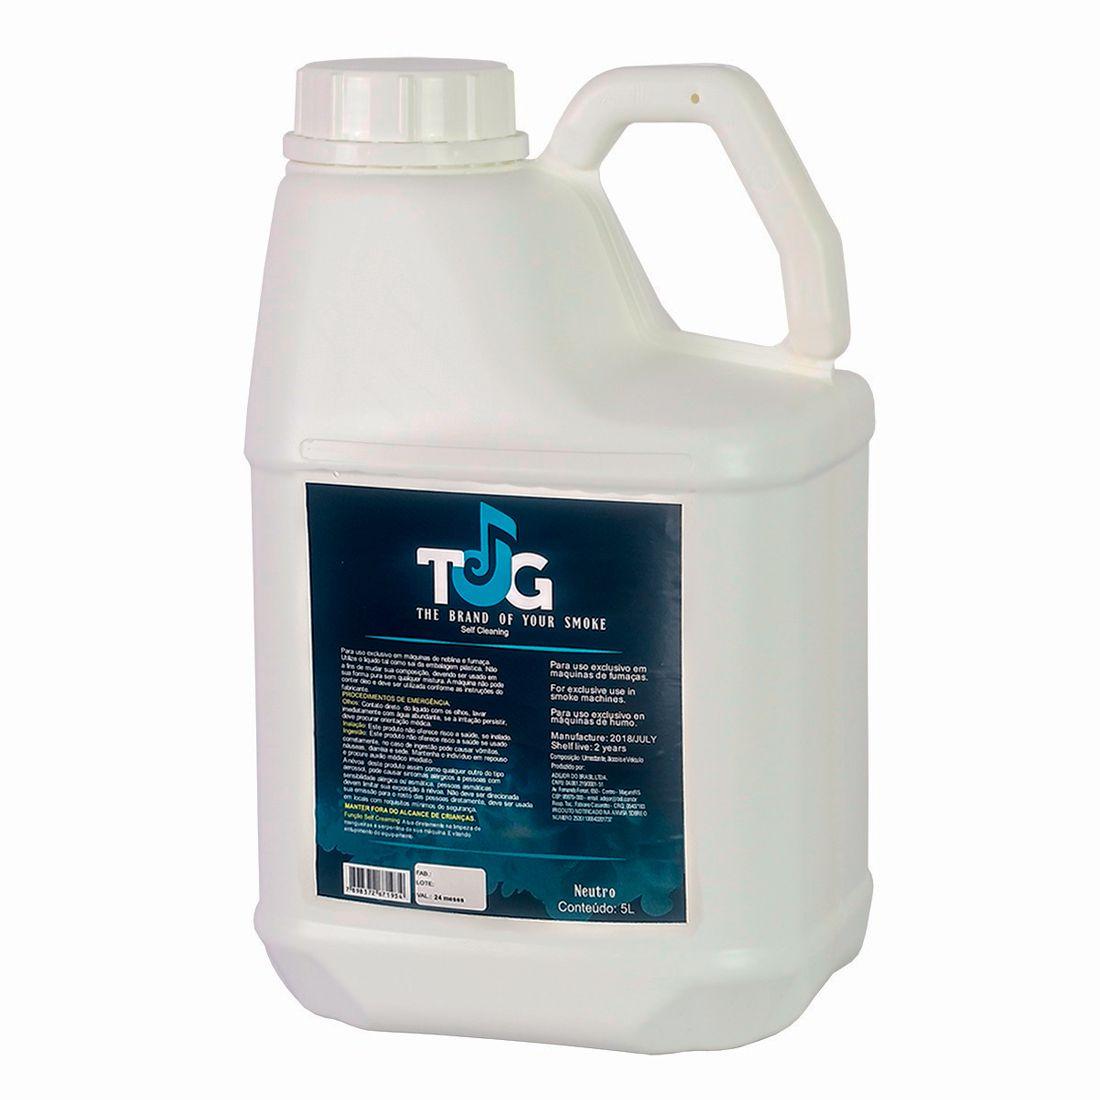 Líquido para Máquina de Fumaça TJG - Self Cleaning - Neutro 5L